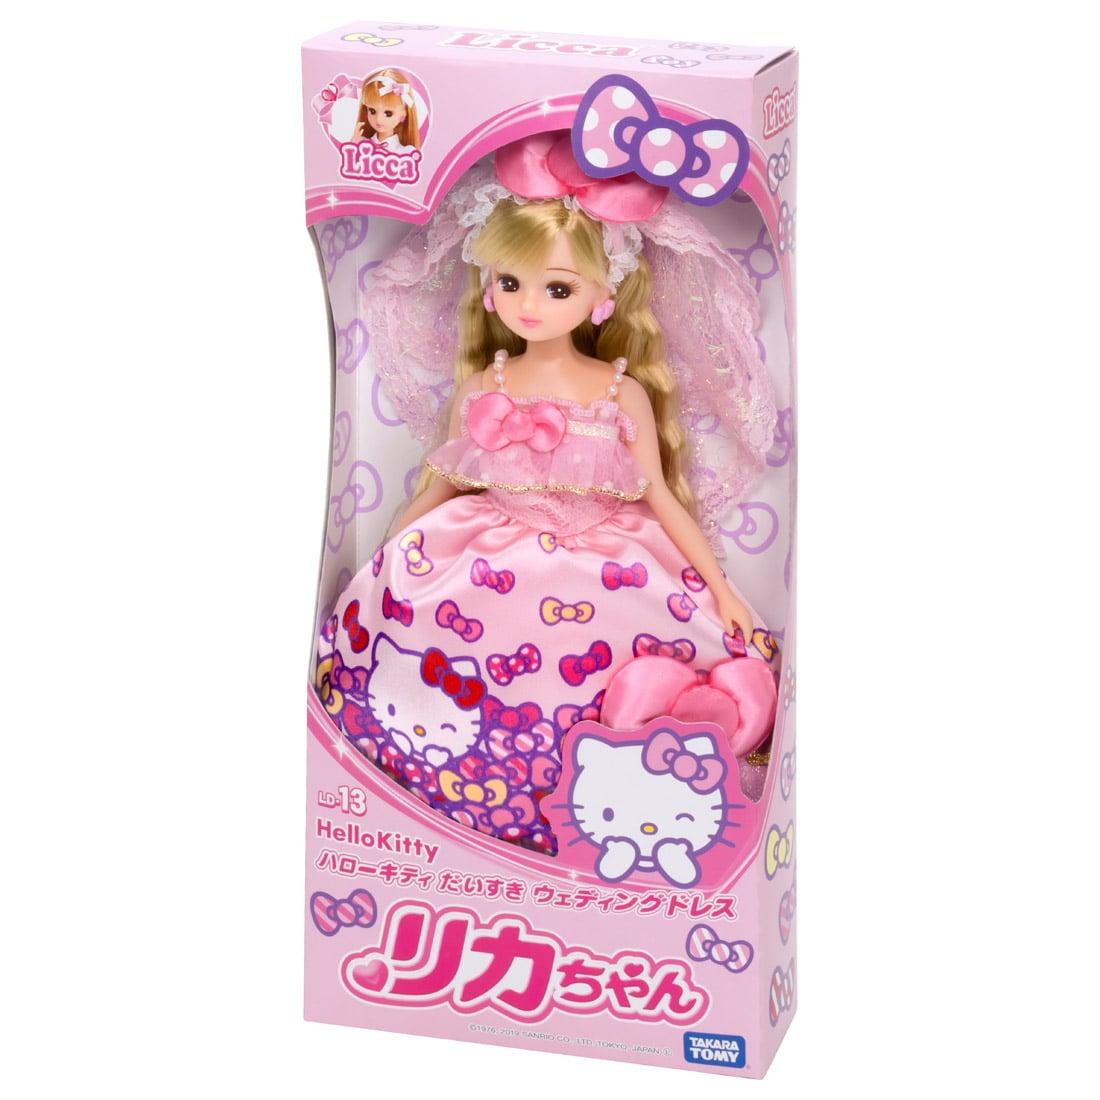 莉卡娃娃 - LD13 Kitty莉卡娃娃